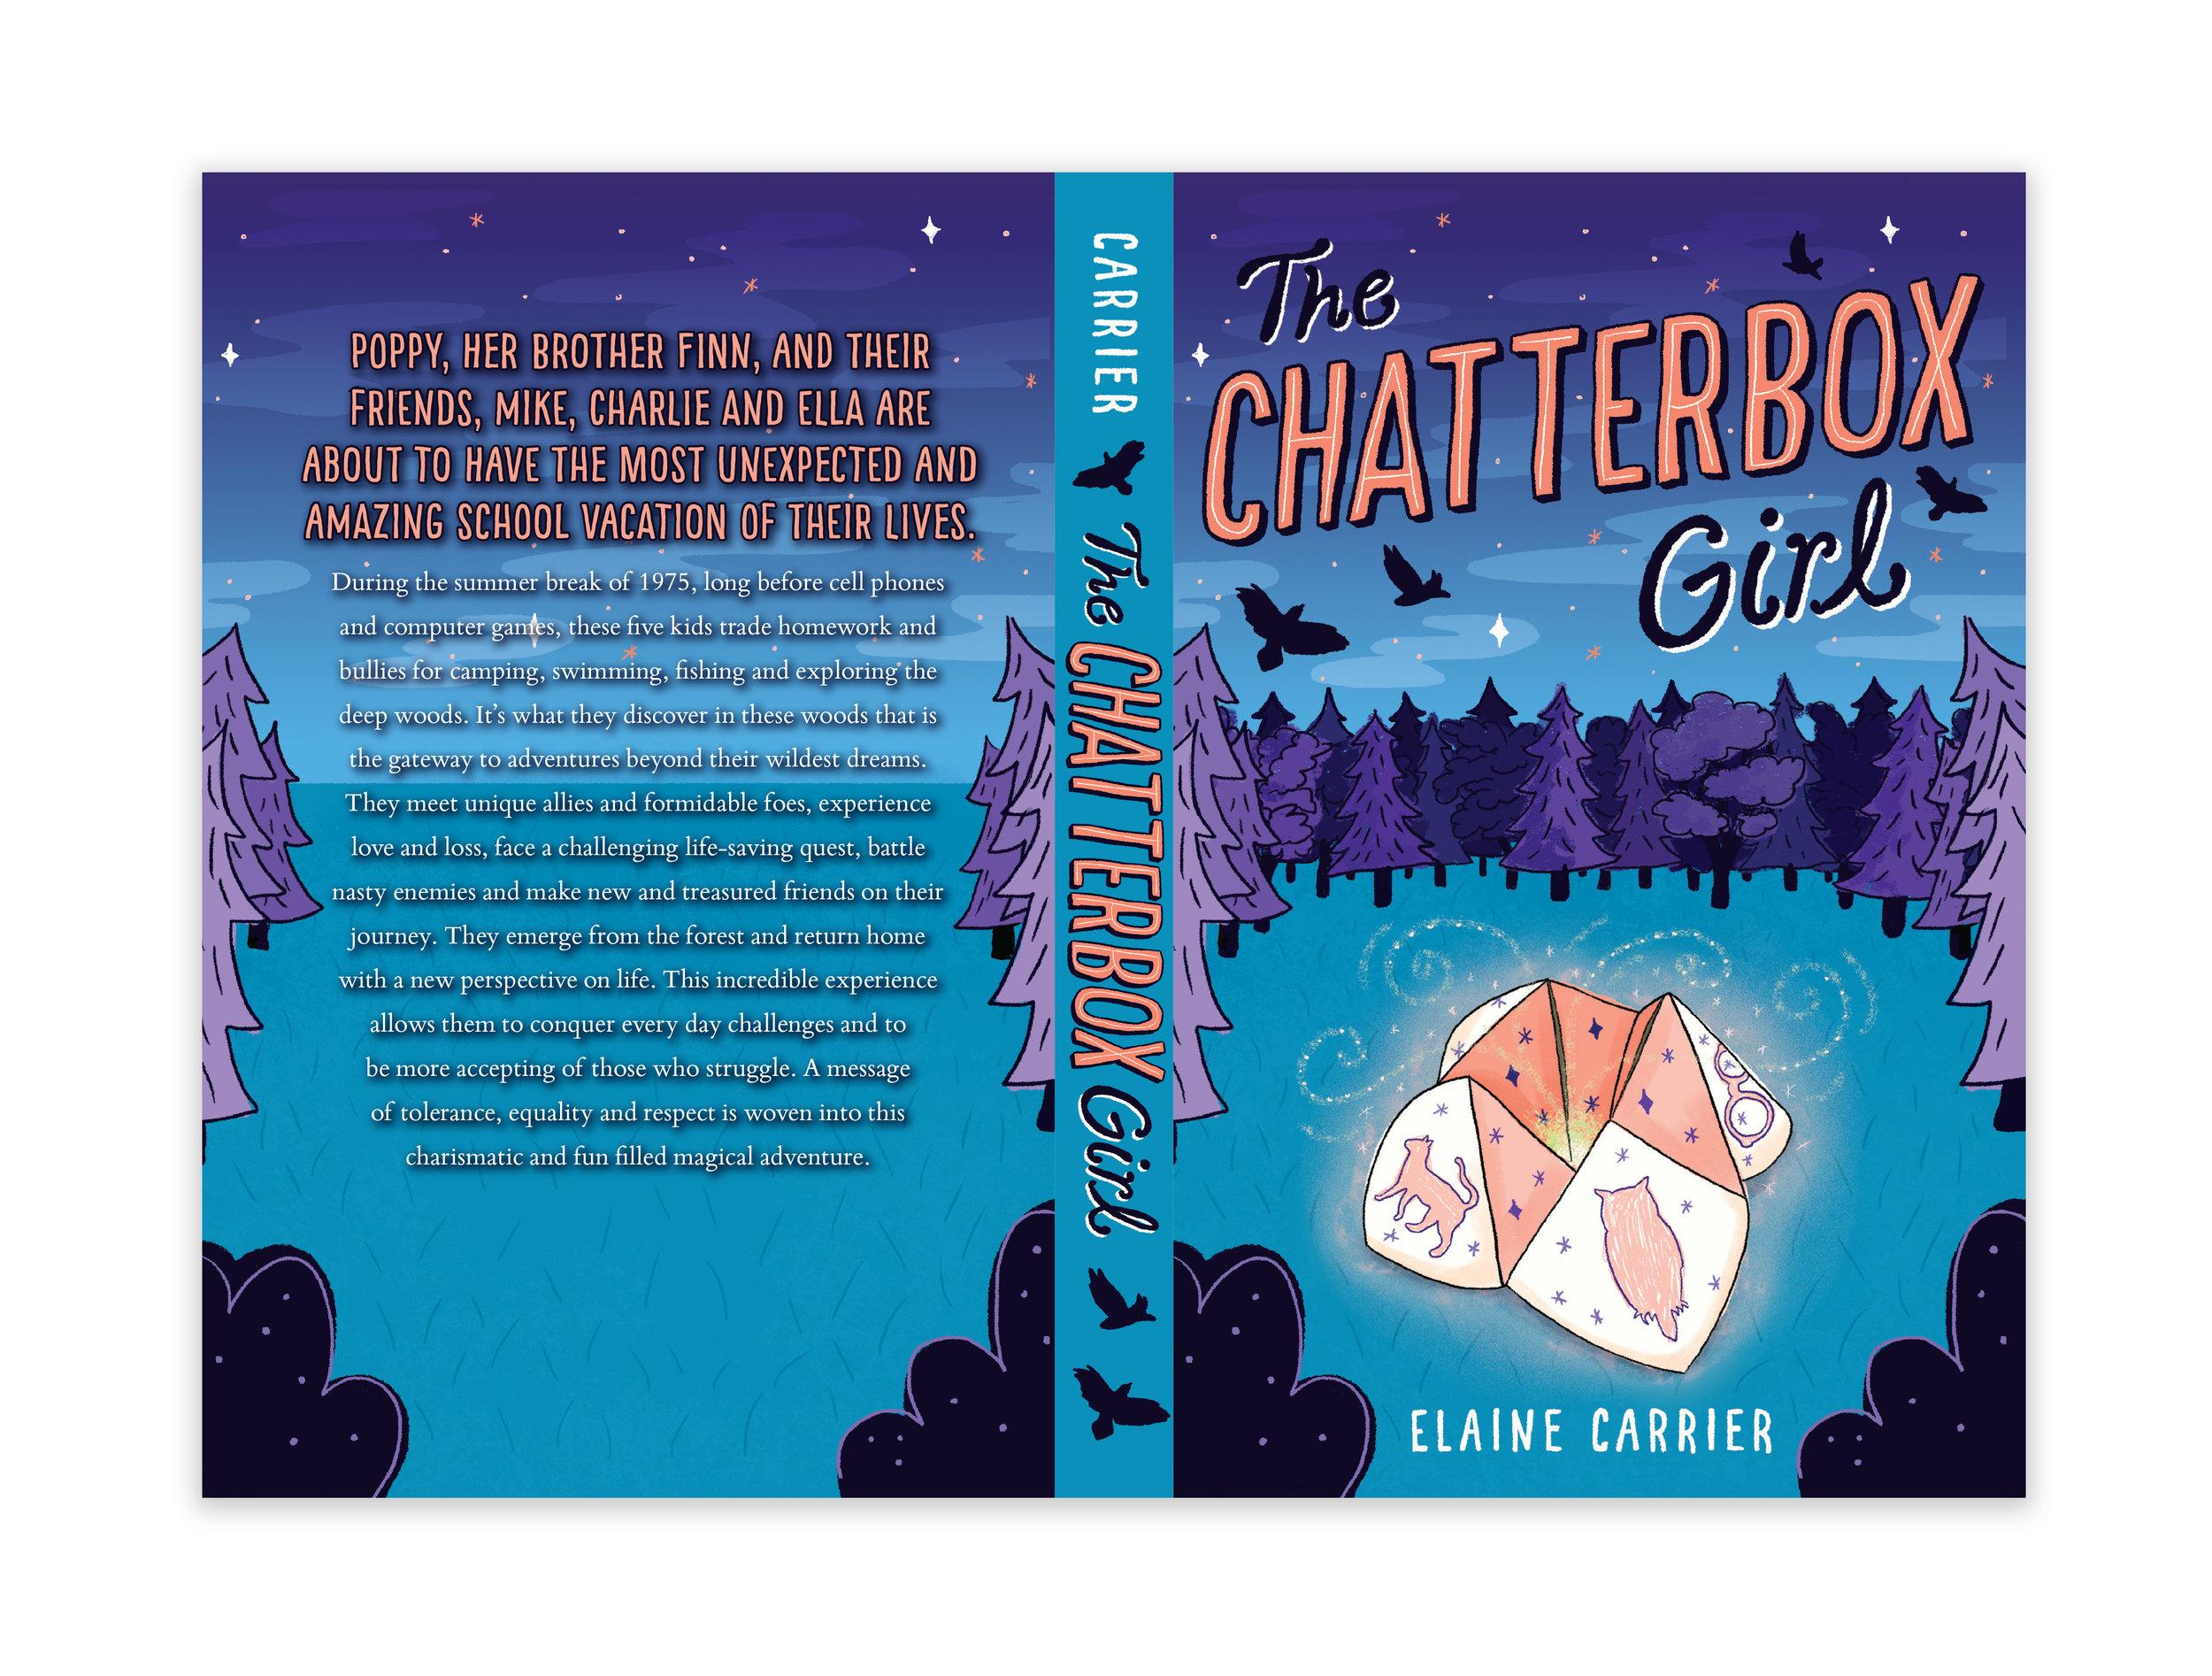 Chatterboxgirl_Fullcover.jpg